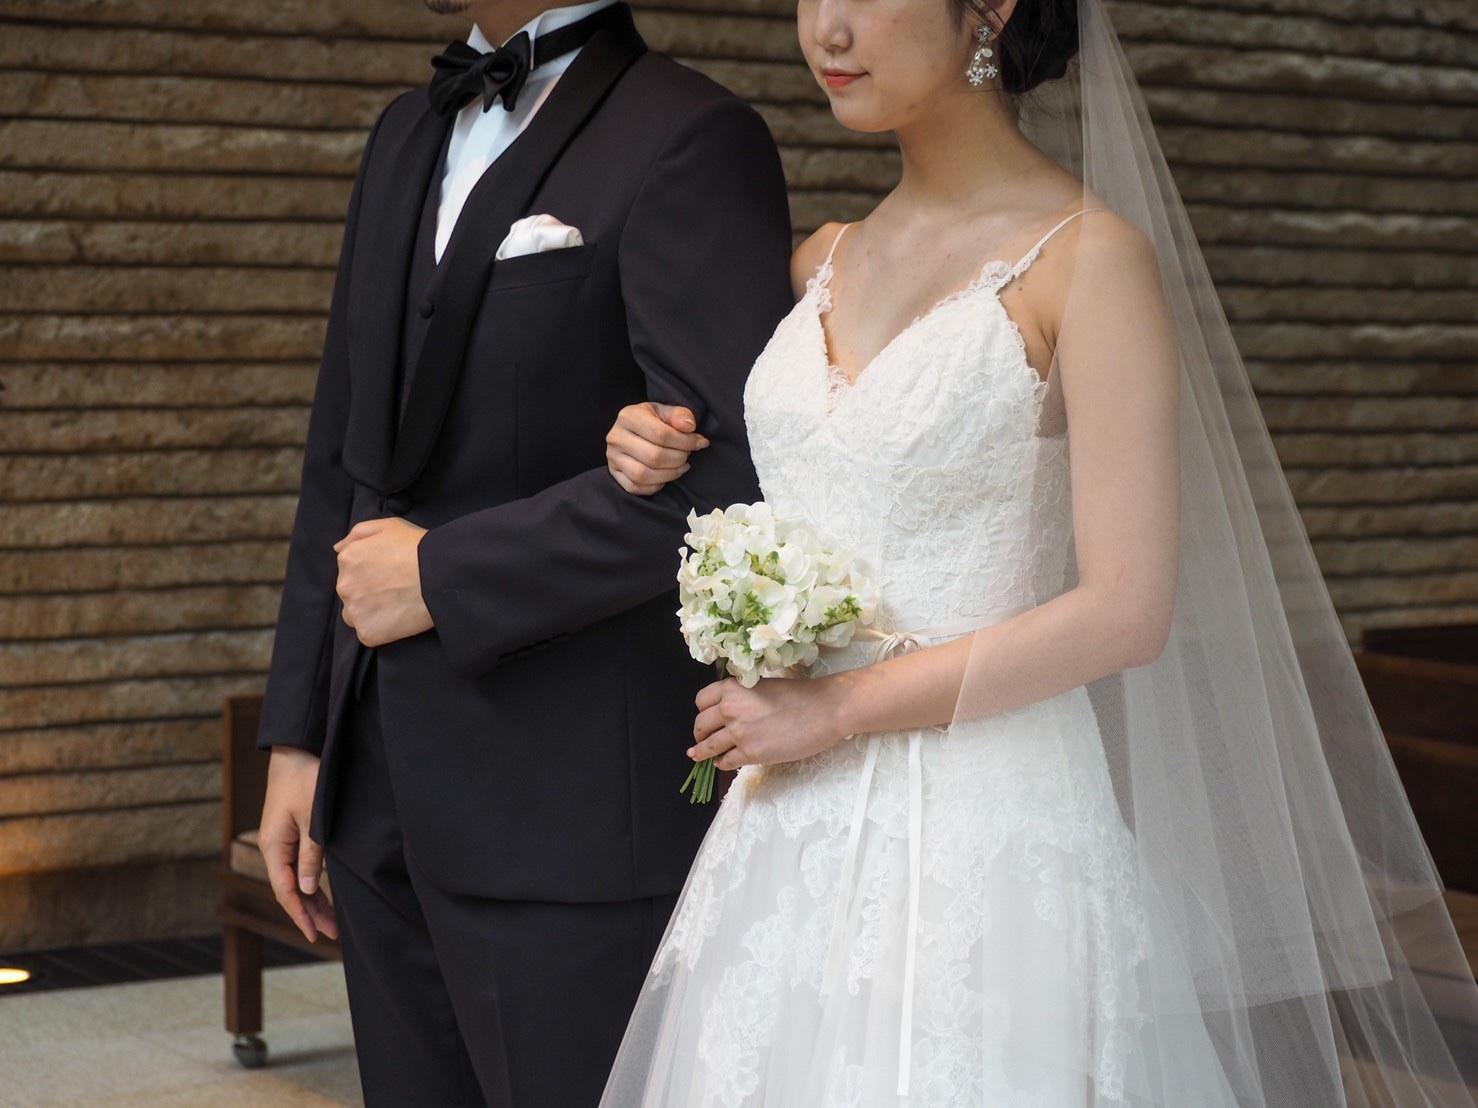 スマートな雰囲気を与えてくれる男性の結婚式のネイビーのタキシード